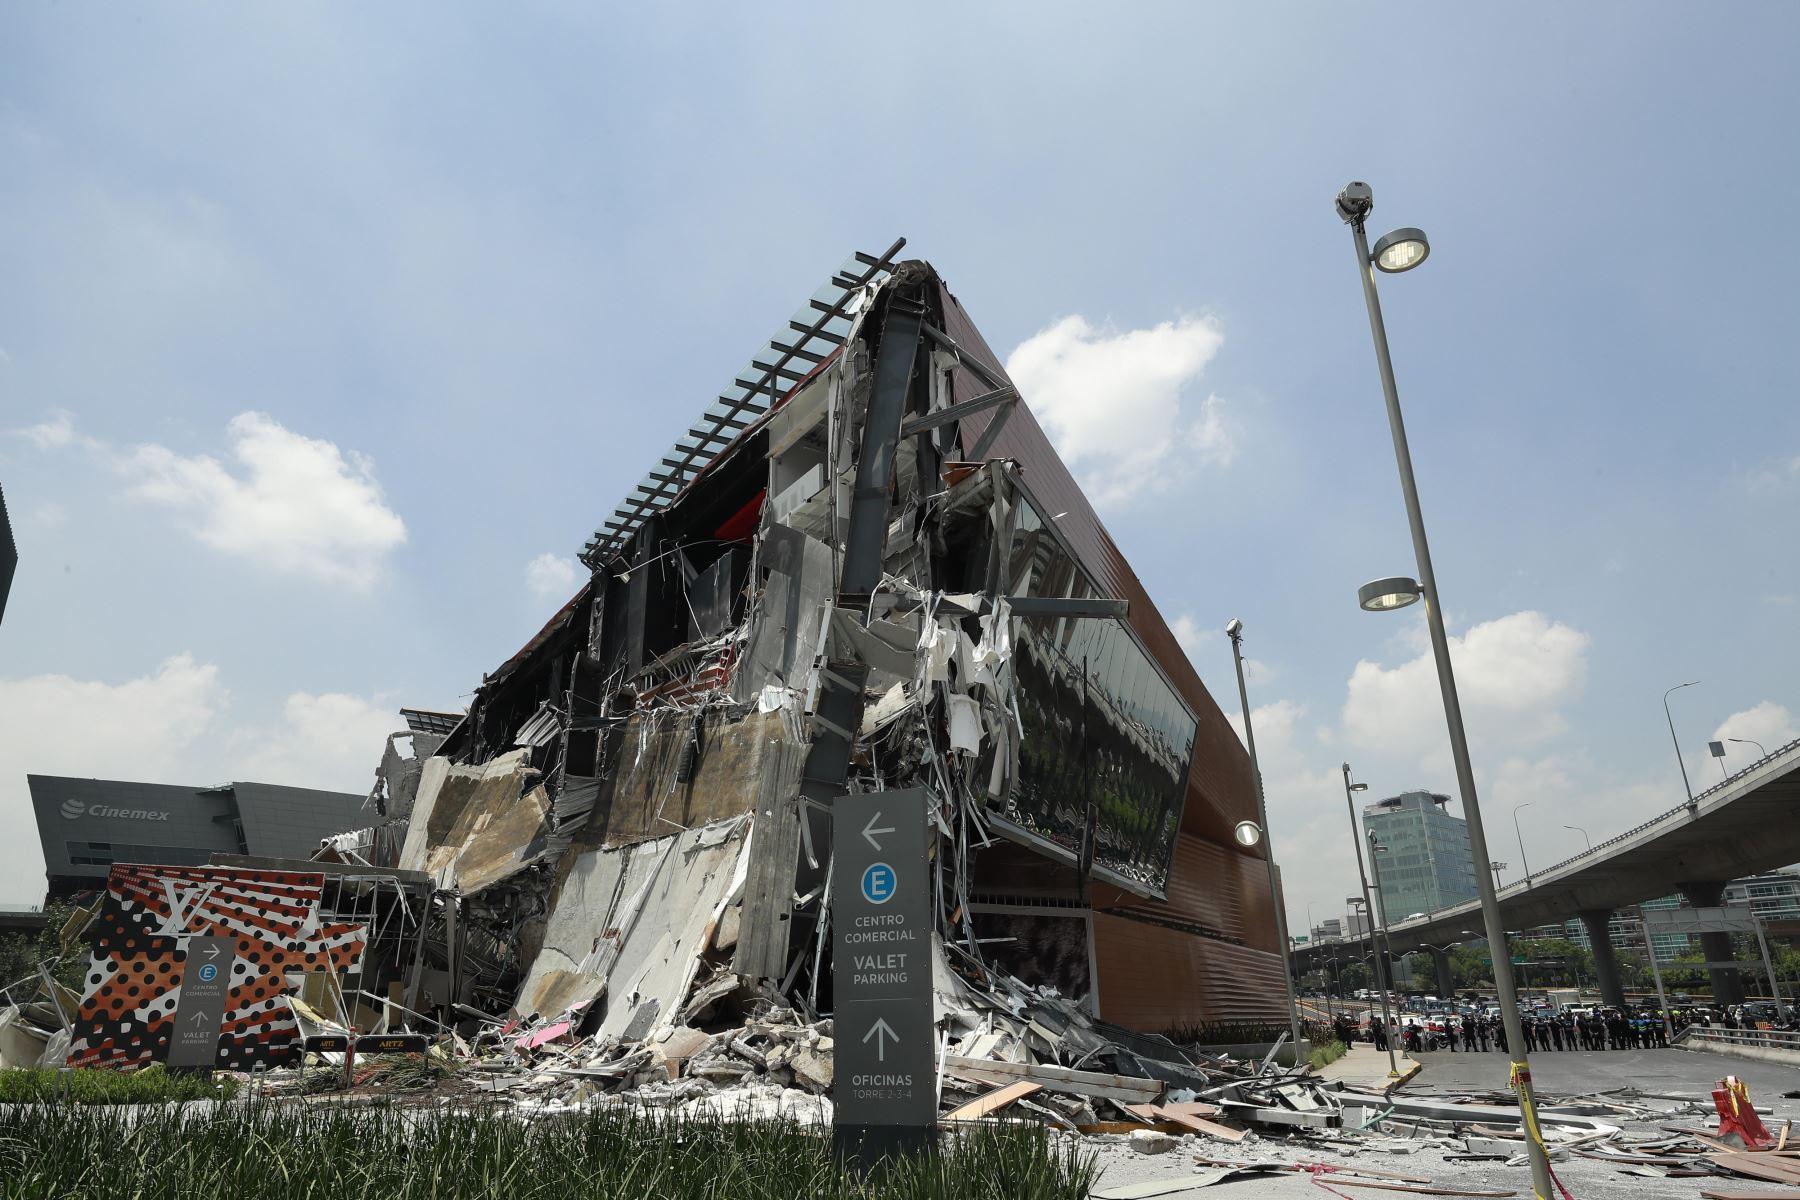 Derrumbe en centro comercial en México. Foto: Efe.